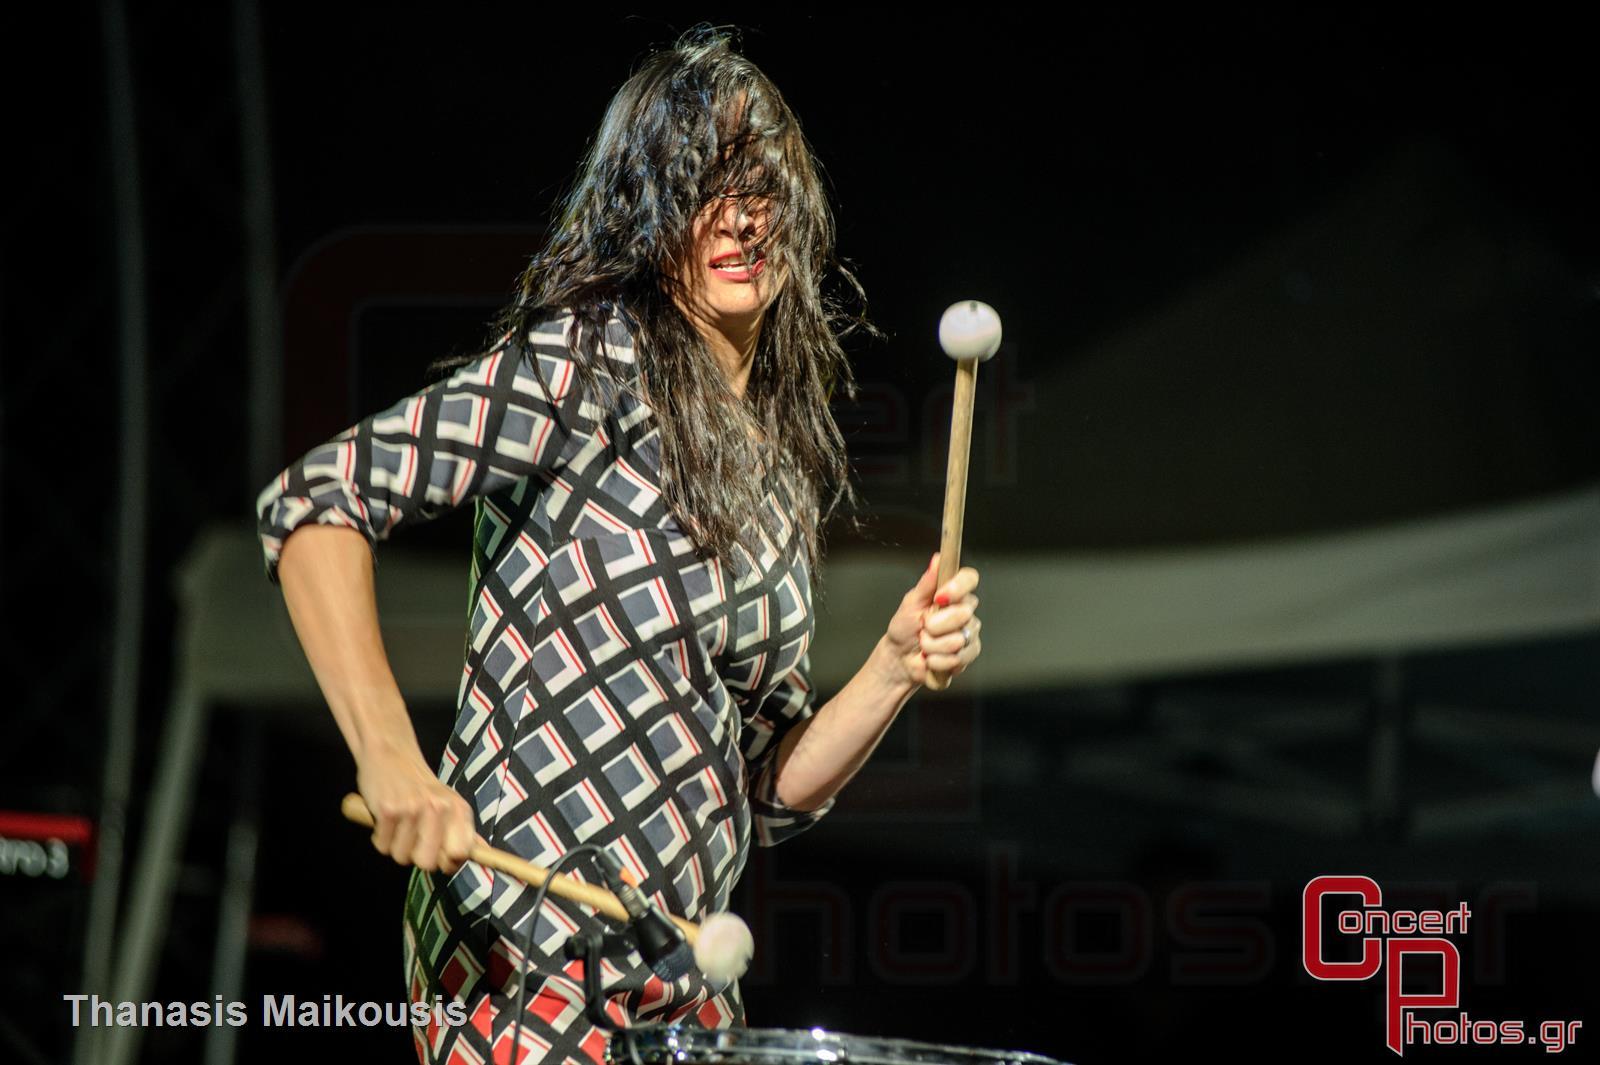 Nouvelle Vague-Nuvelle Vague photographer: Thanasis Maikousis - concertphotos_-9074